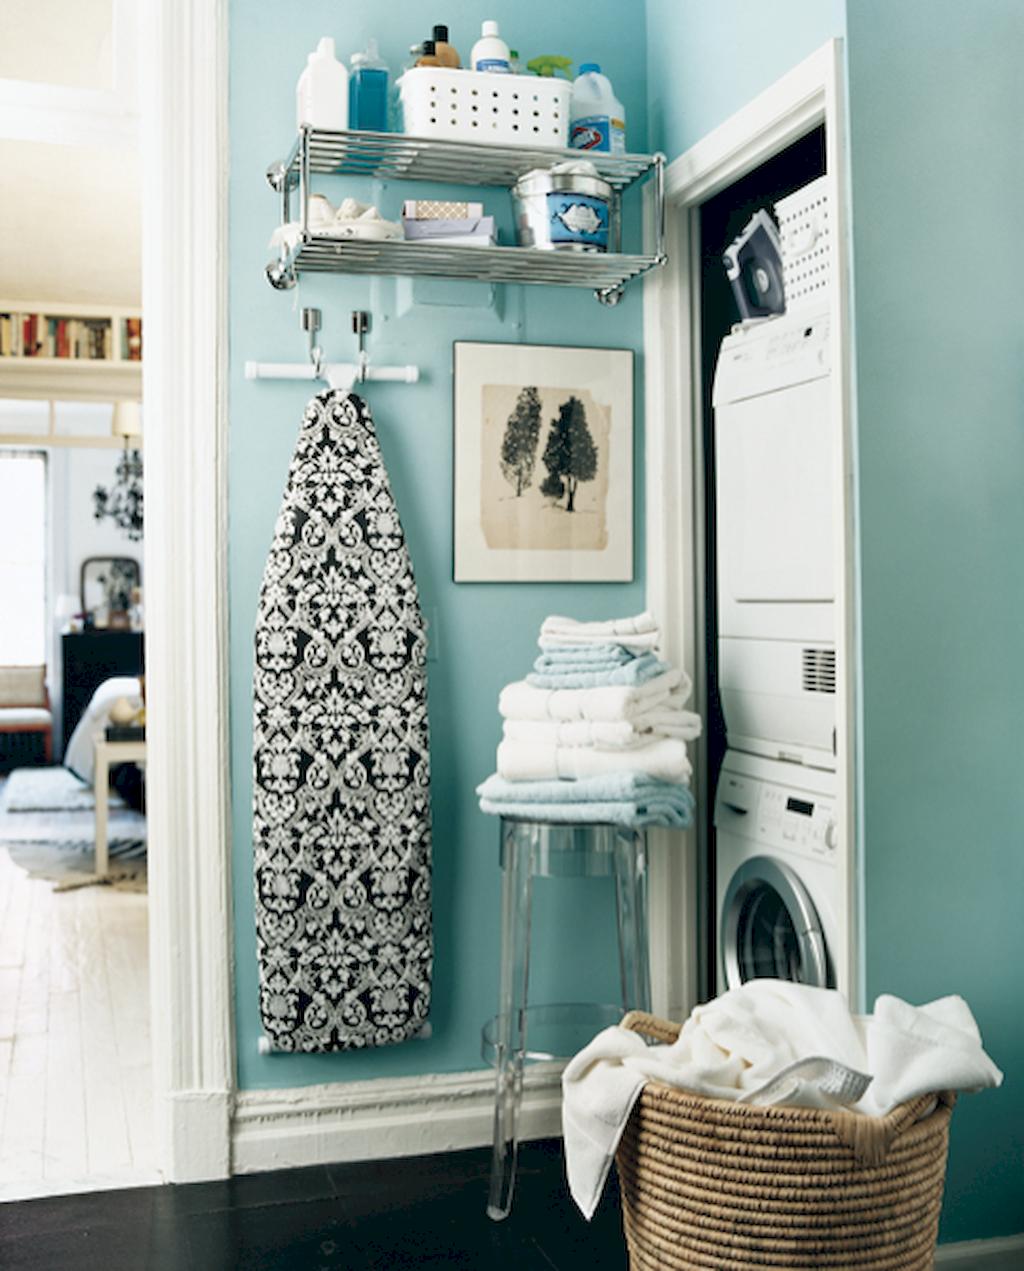 60 Amazing Tiny Apartment Laundry Room Decor Ideas | Tiny apartments ...